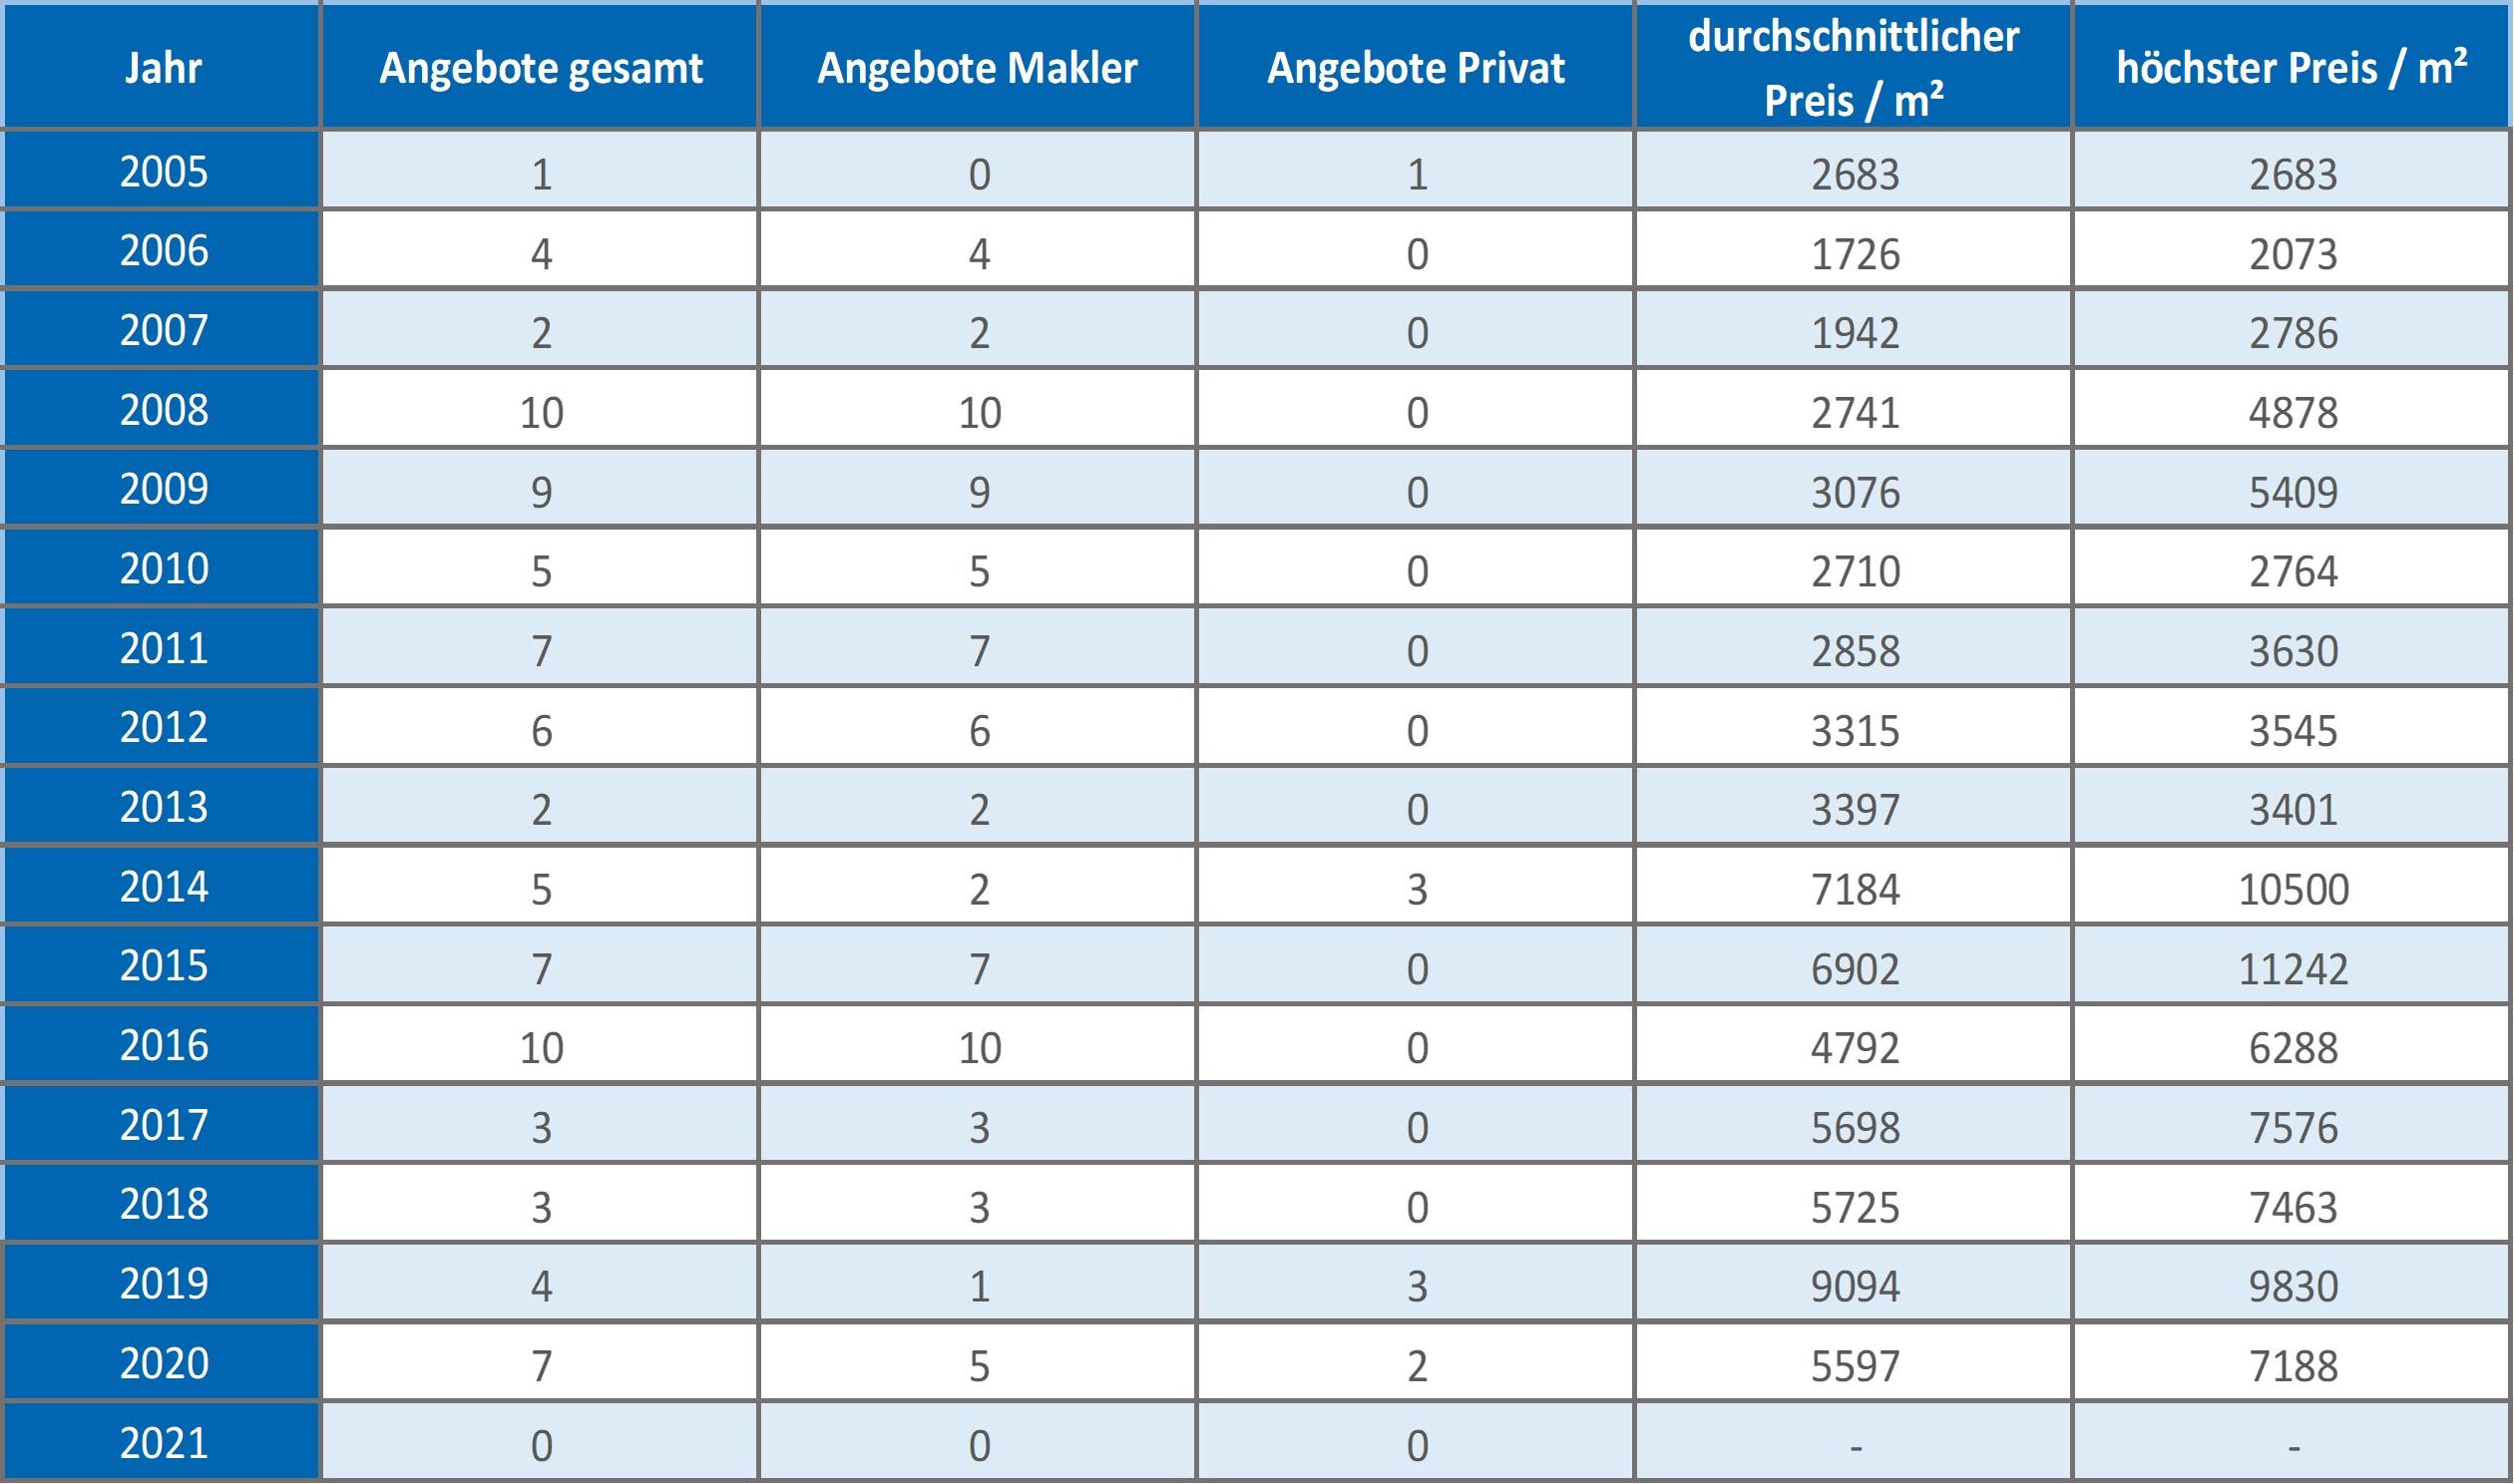 Planegg Mehrfamilienhaus kaufen verkaufen Preis Bewertung Makler www.happy-immo.de 2019 2020 2021